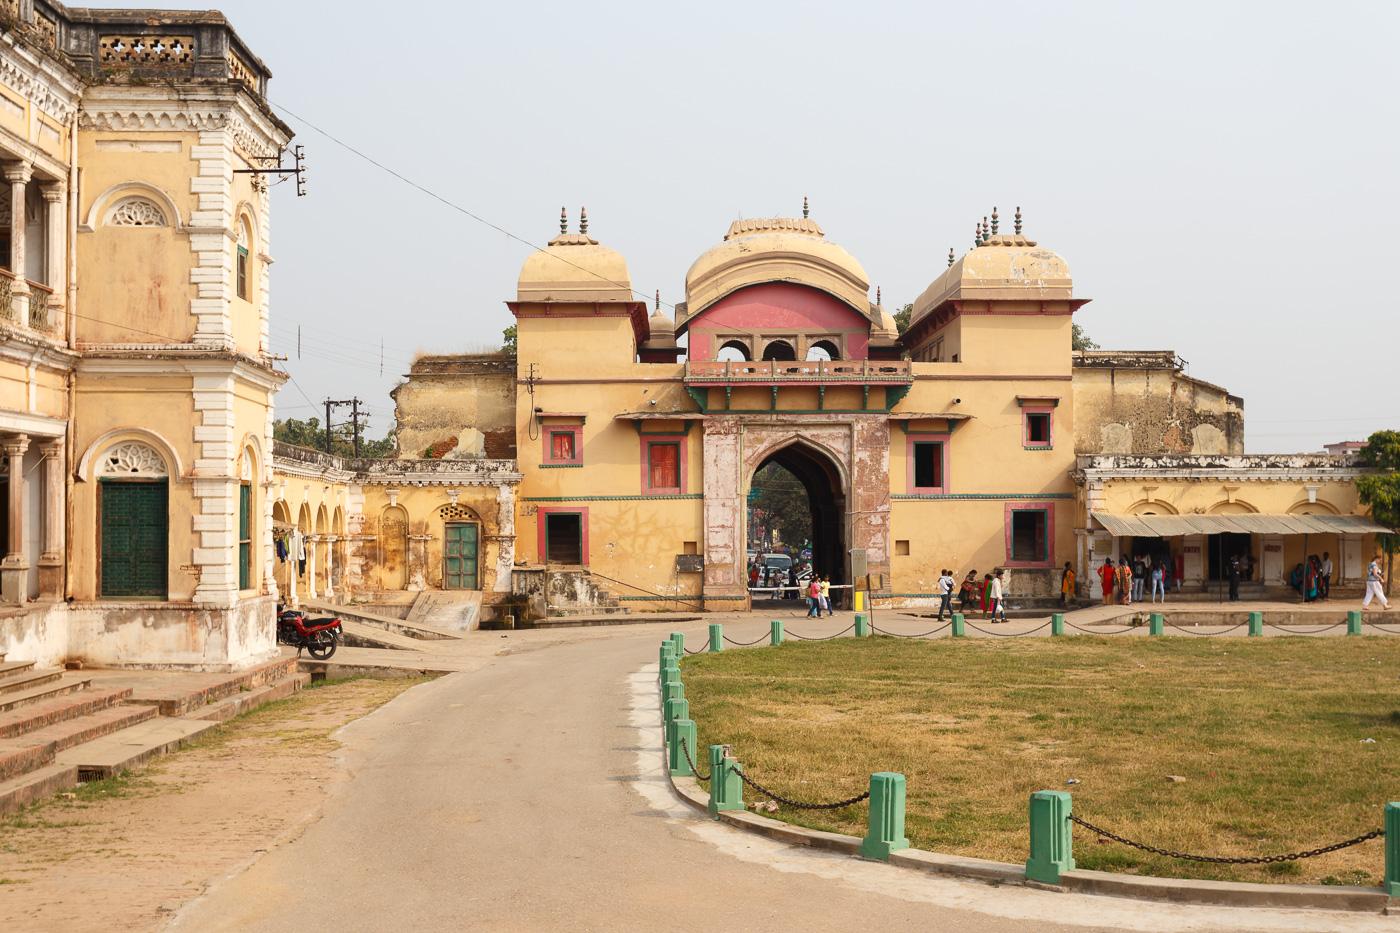 Фотография 23. Форт Рамнагар. Двор. Отзывы о посещении достопримечательностей в Варанаси. Стоит ли ехать в Индию (1/250; 0; 8; 100; 40).